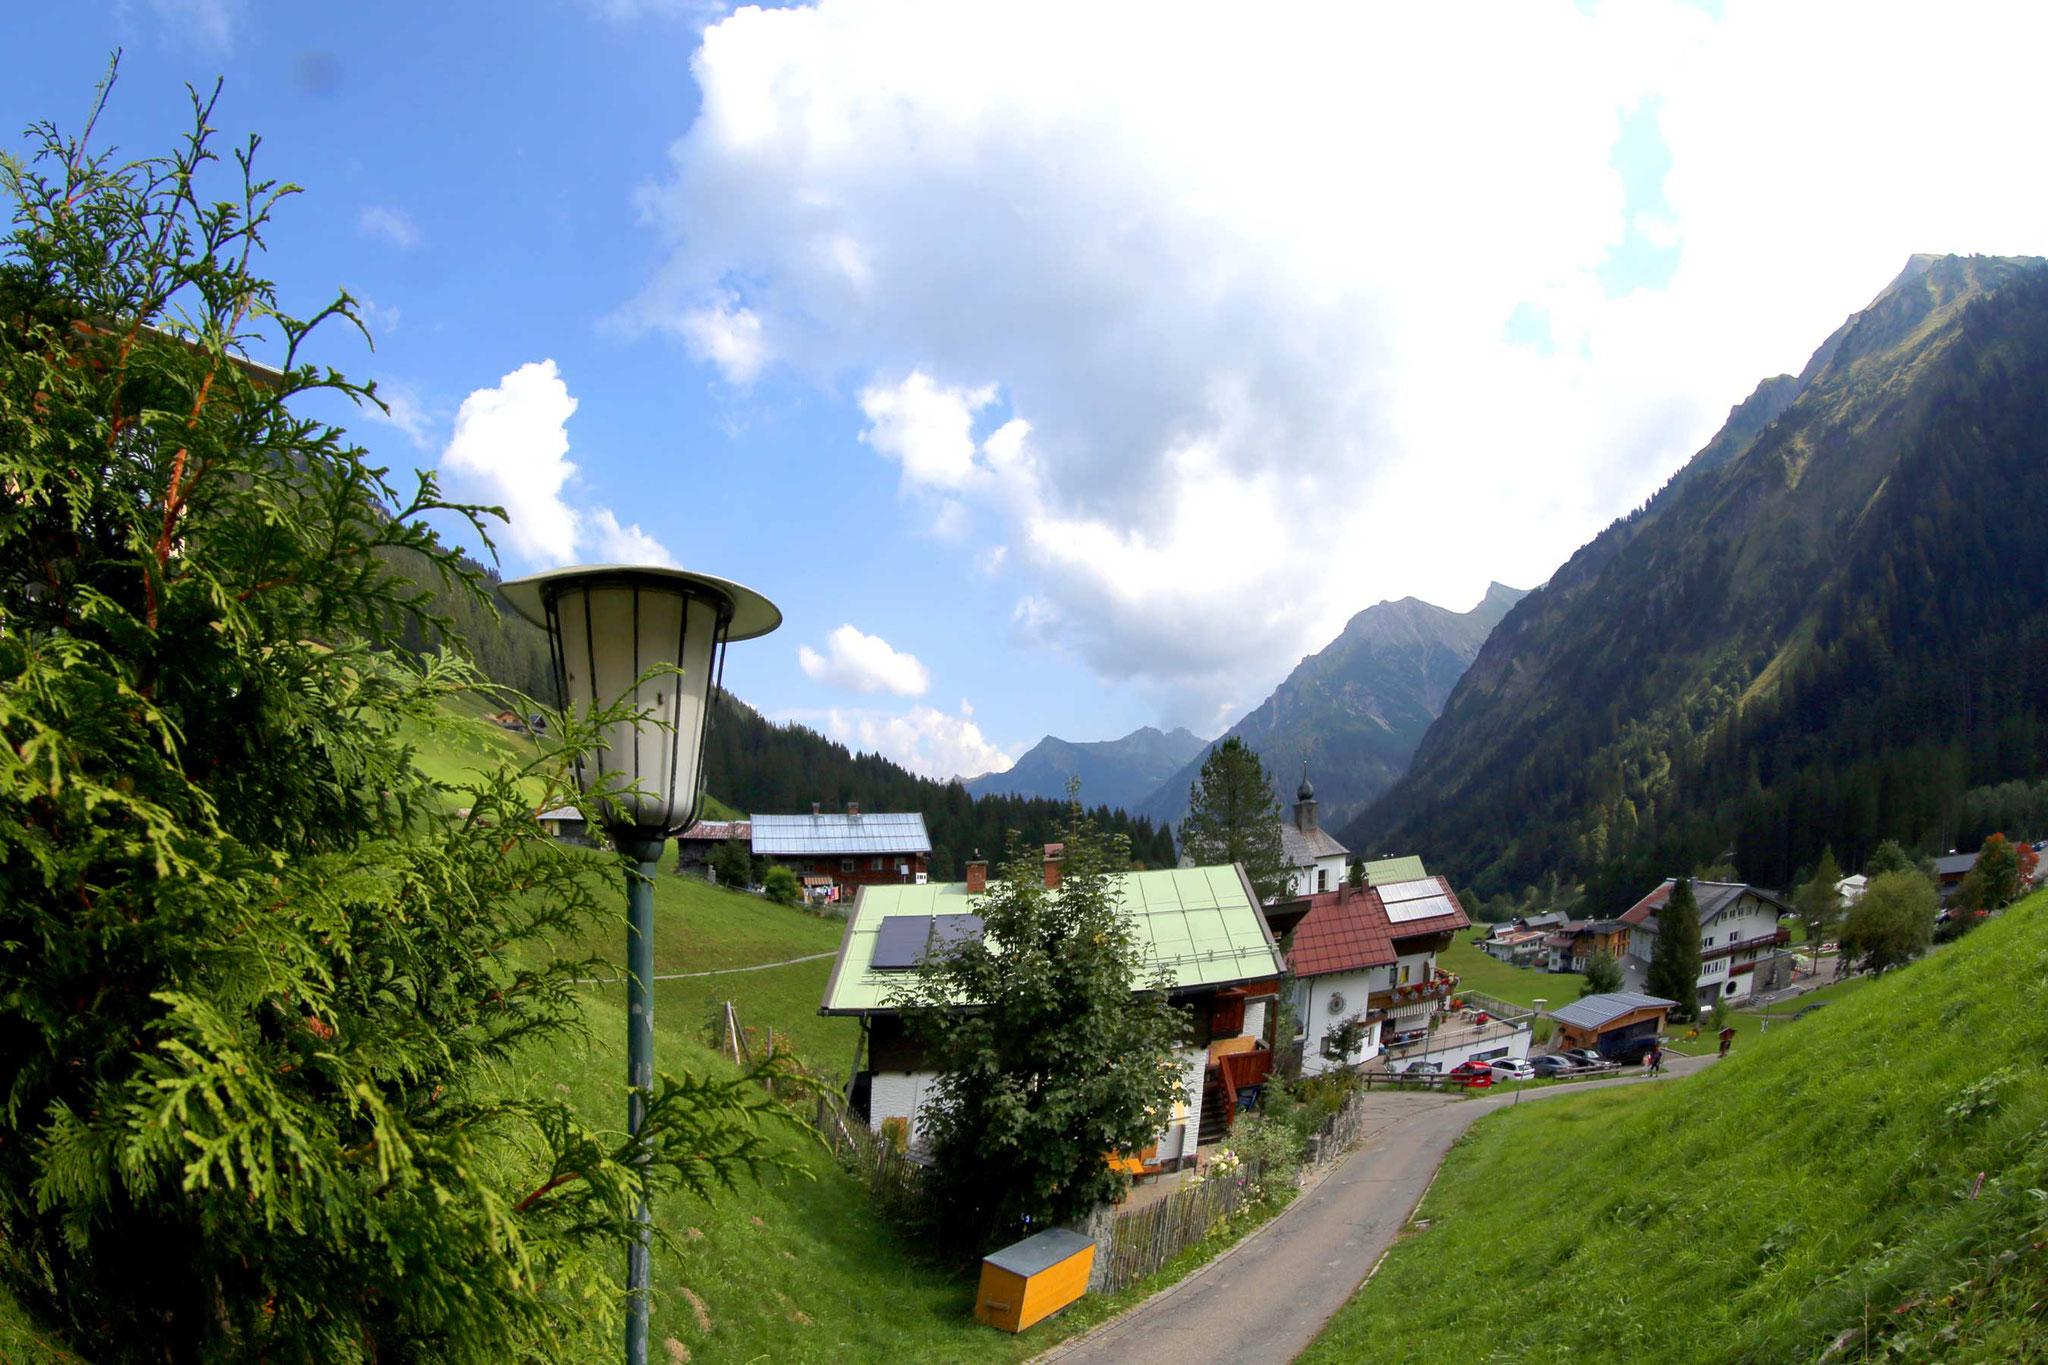 Steile Anfahrt zu uns ans ferienHAUS – Heidi im Tal